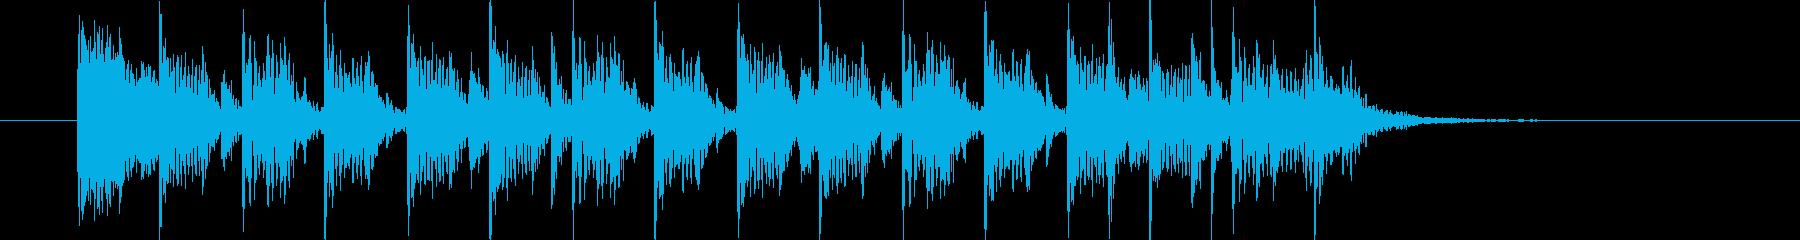 おしゃれで爽やかなシンセギターサウンドの再生済みの波形